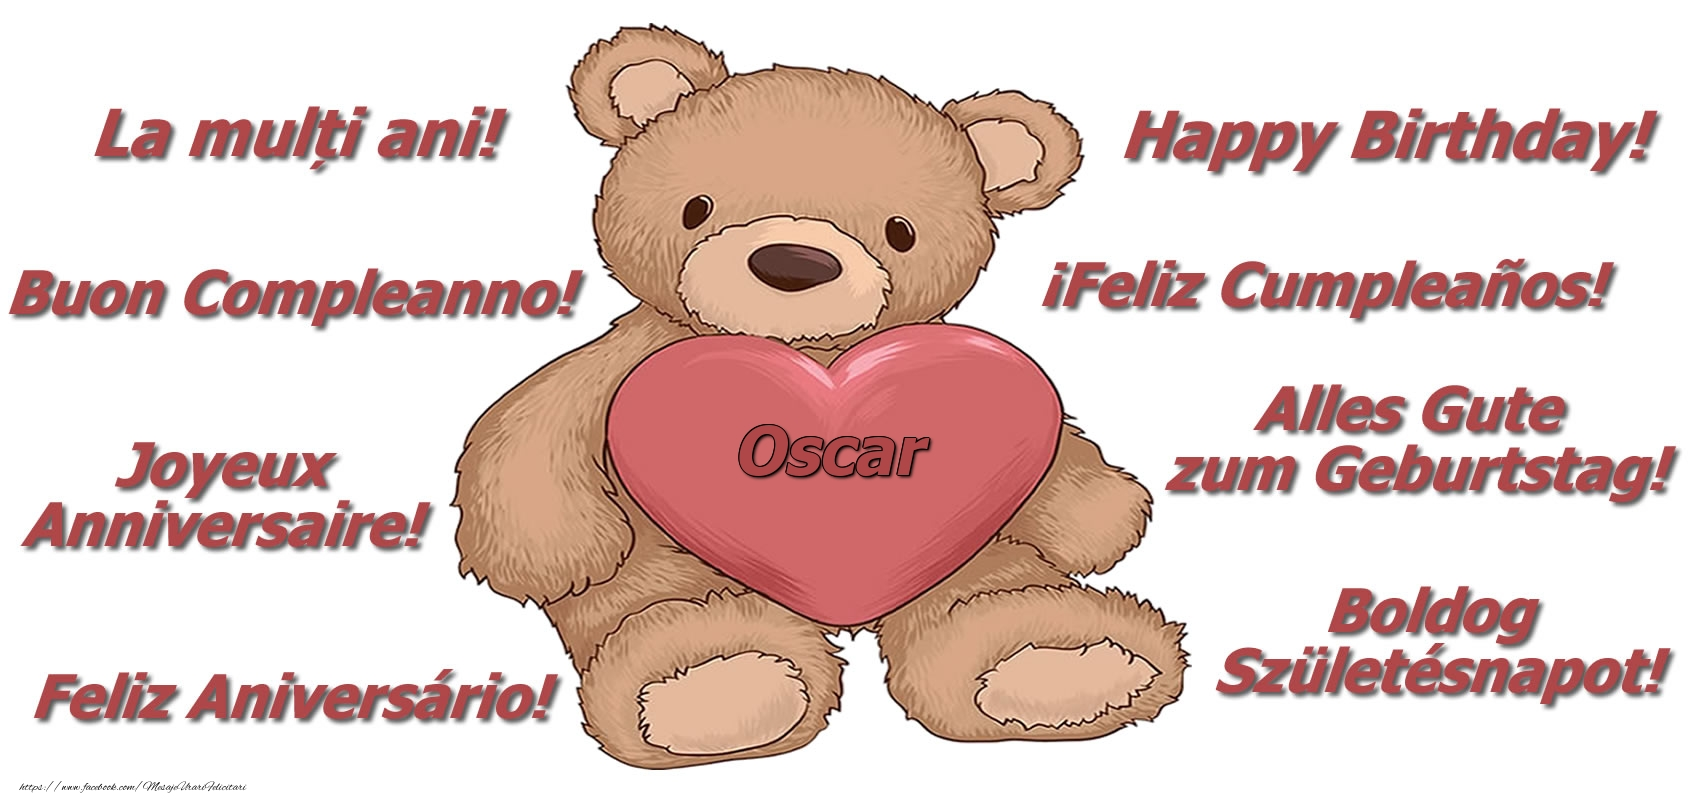 Felicitari de zi de nastere - La multi ani Oscar! - Ursulet